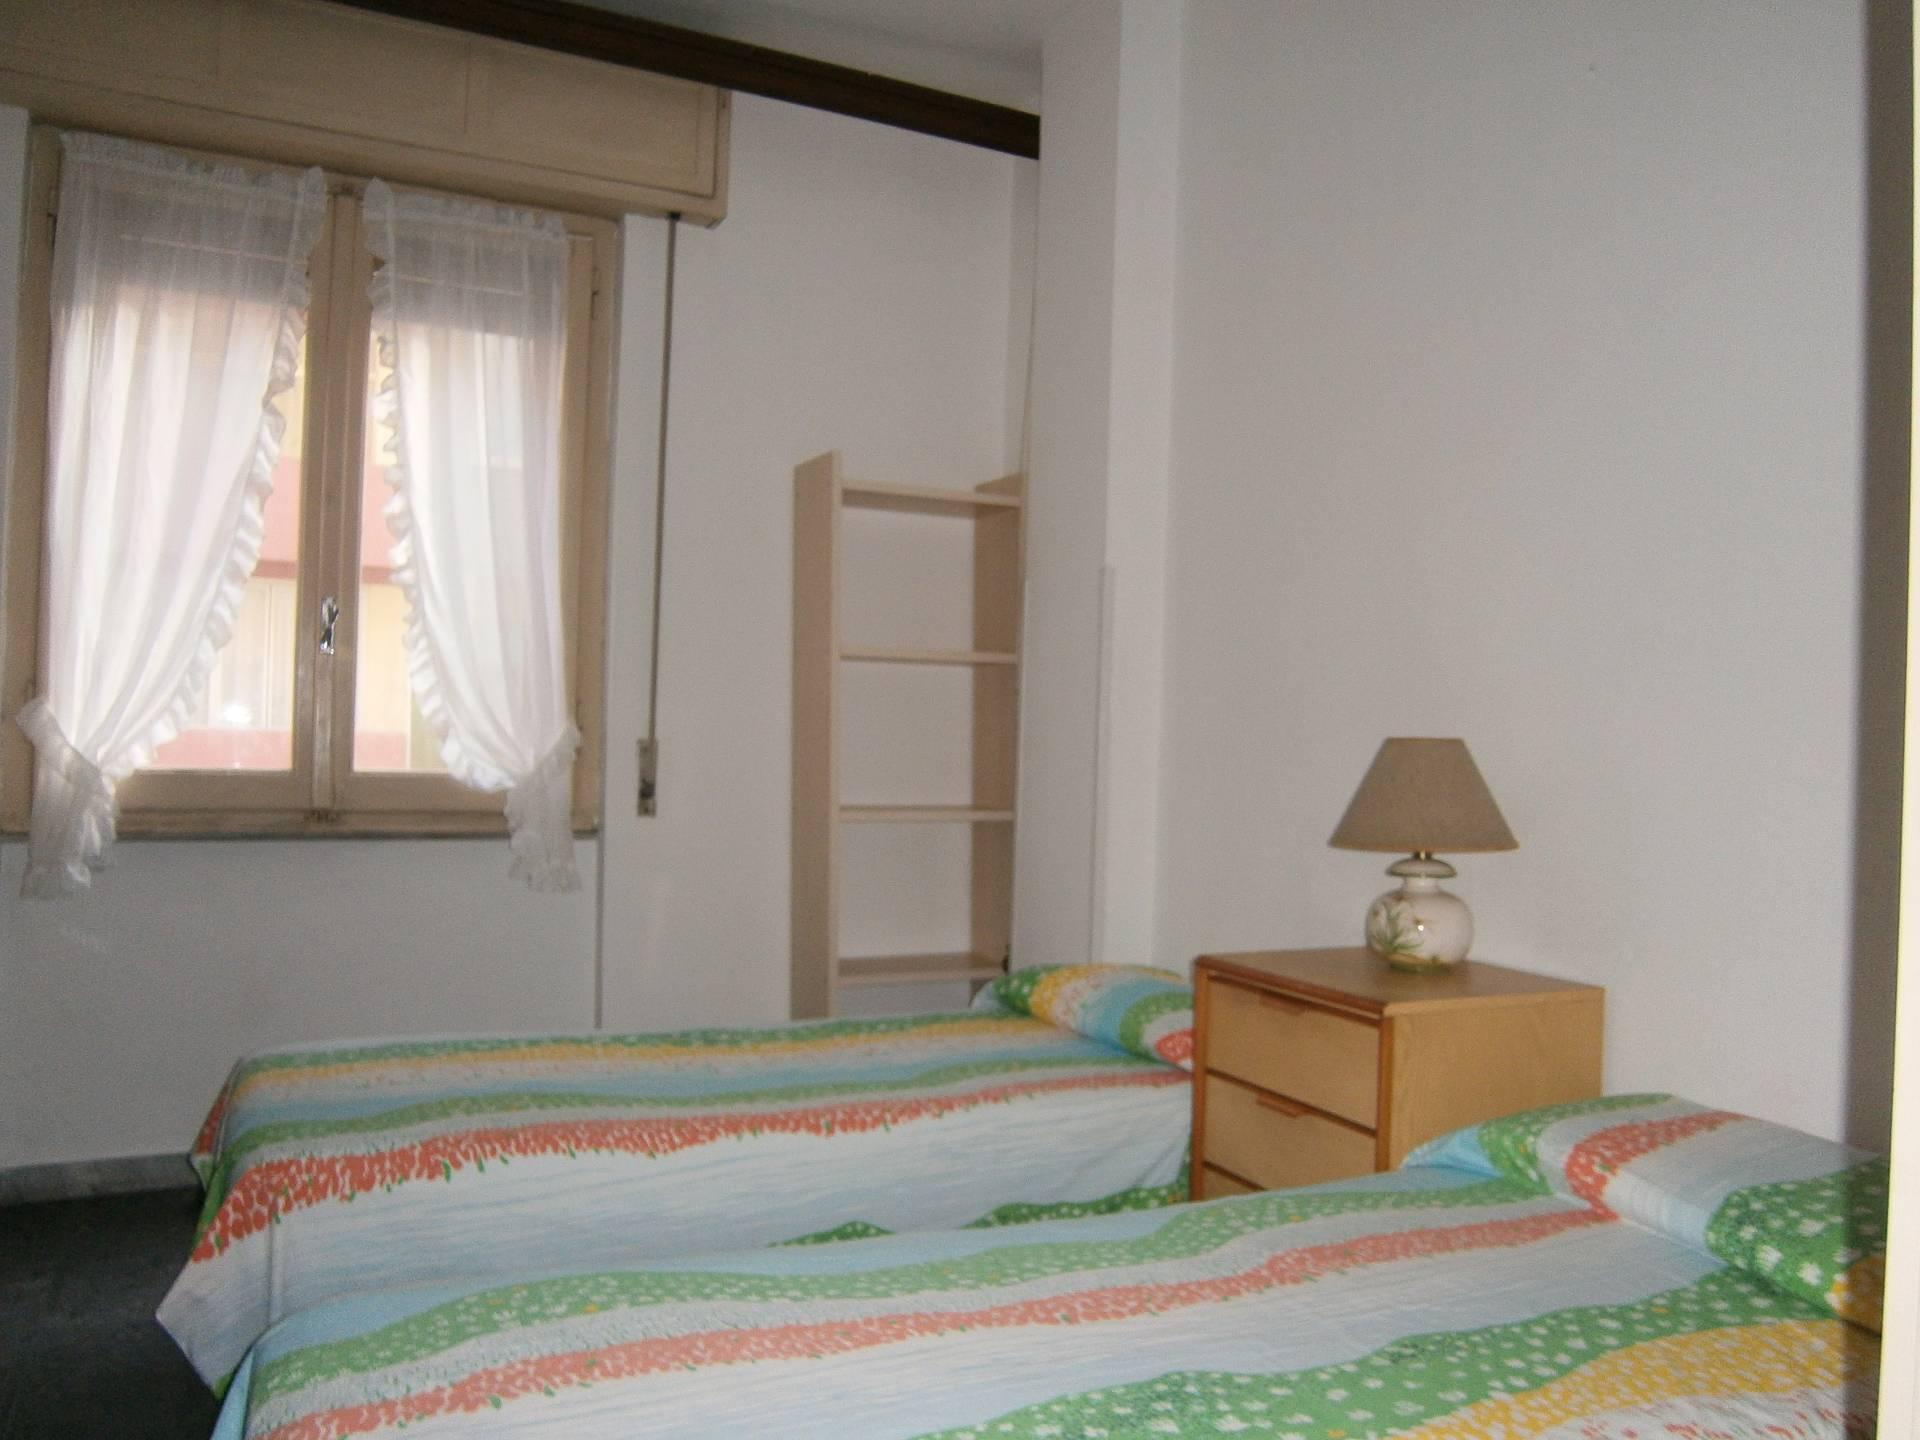 Appartamento in affitto a Cagliari, 3 locali, zona Zona: Fonsarda, prezzo € 580 | Cambio Casa.it